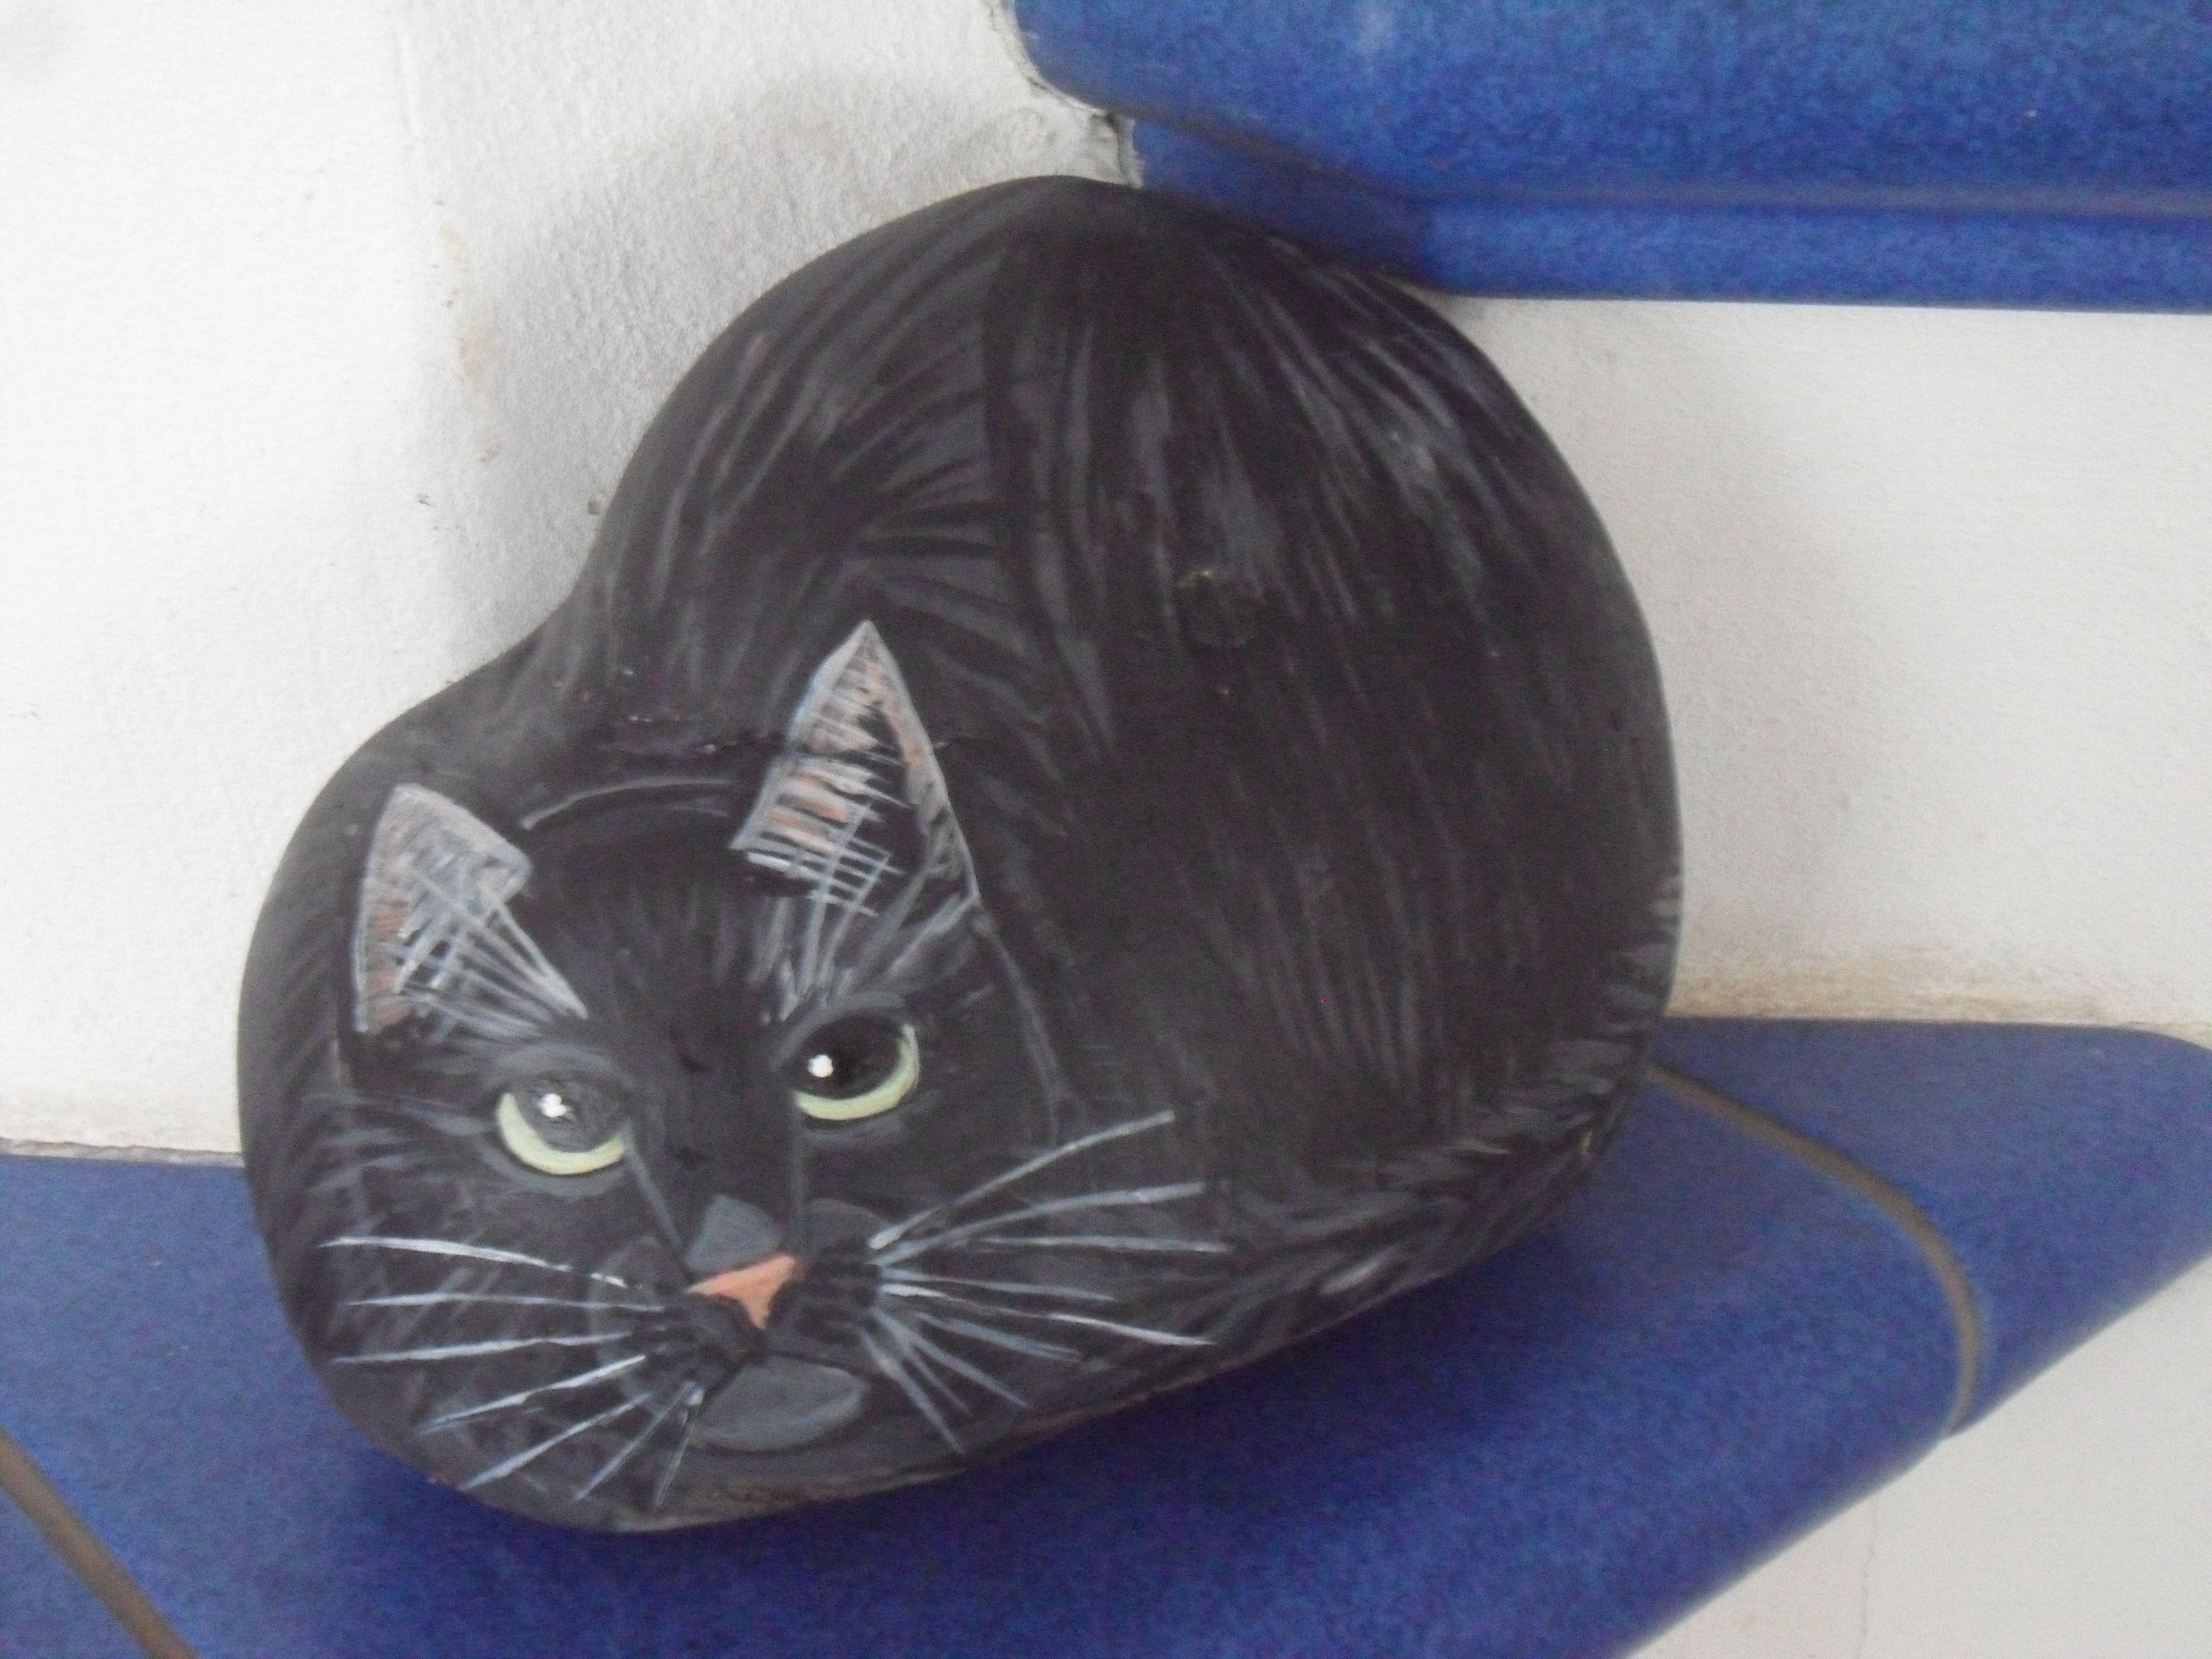 bemalter stein katze erh bei ebay bemalter stein bemalte steine katzen tiere auf stein. Black Bedroom Furniture Sets. Home Design Ideas